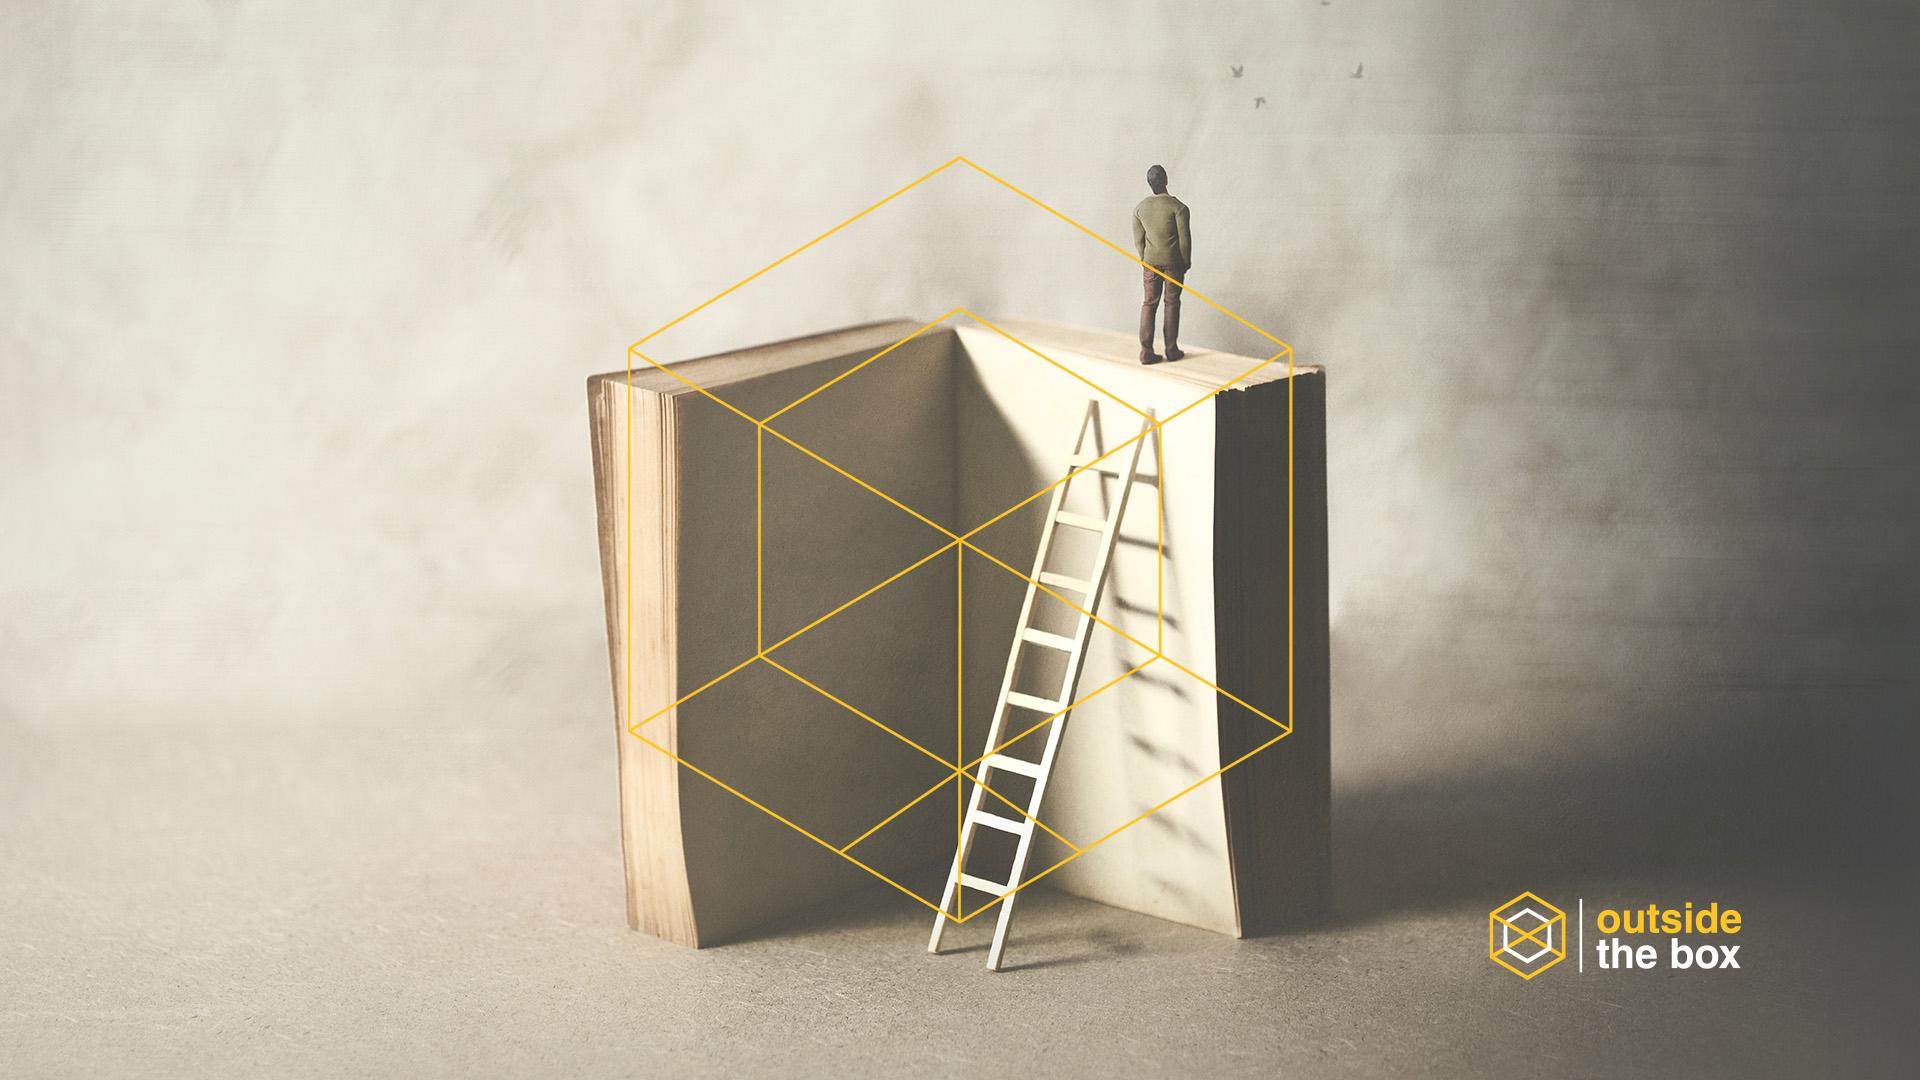 Outside the box, Academy di formazione etica aziendale